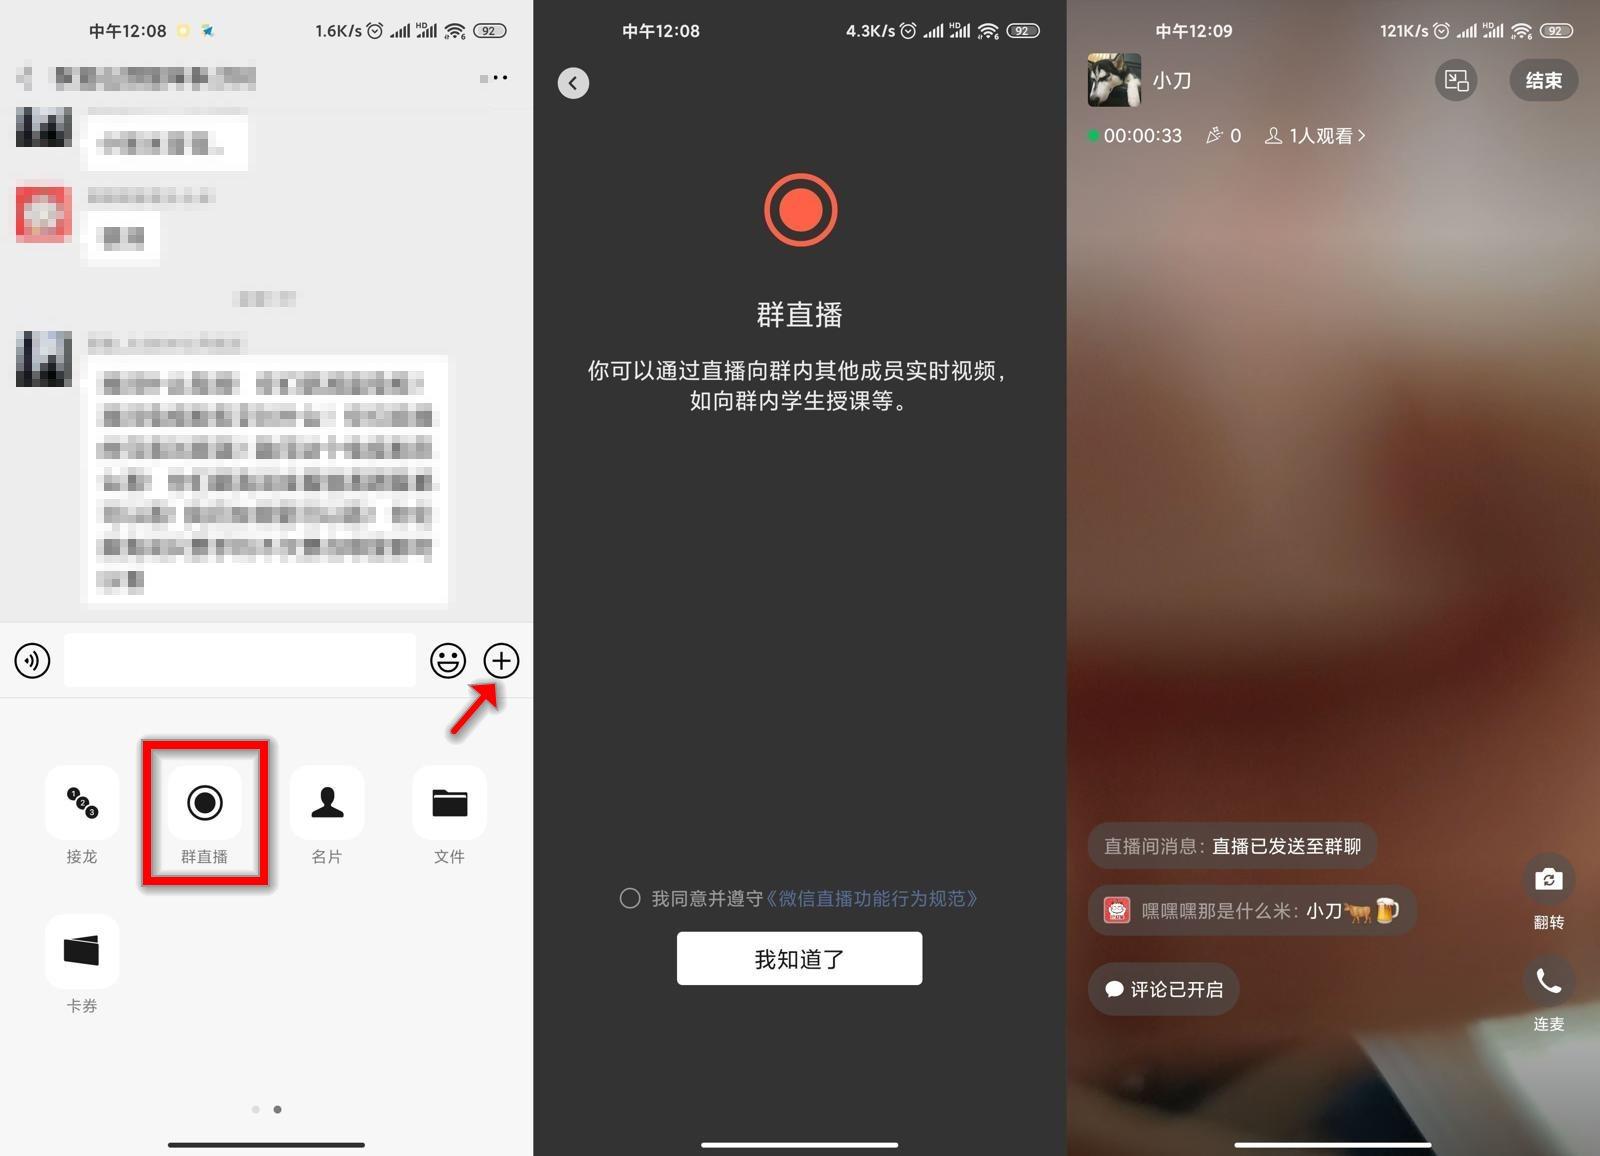 技巧分享-微信群已支持开启直播功能